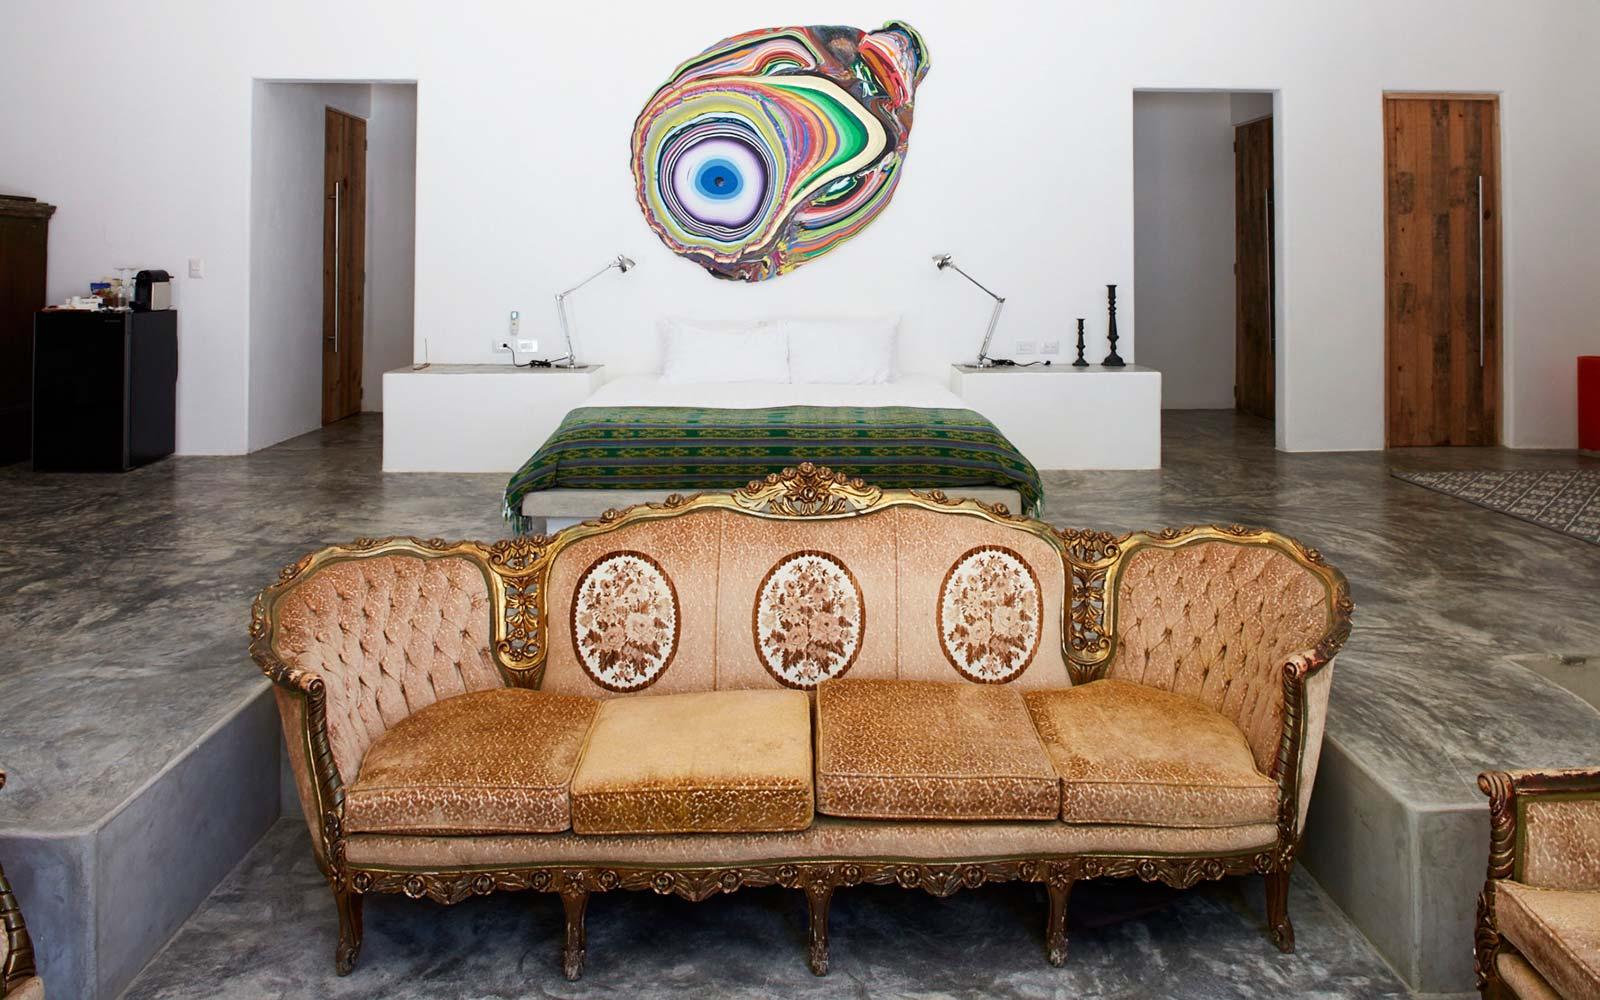 guestroom-art-casa-malca-tulum-mexico-ESCOBAR0717.jpg